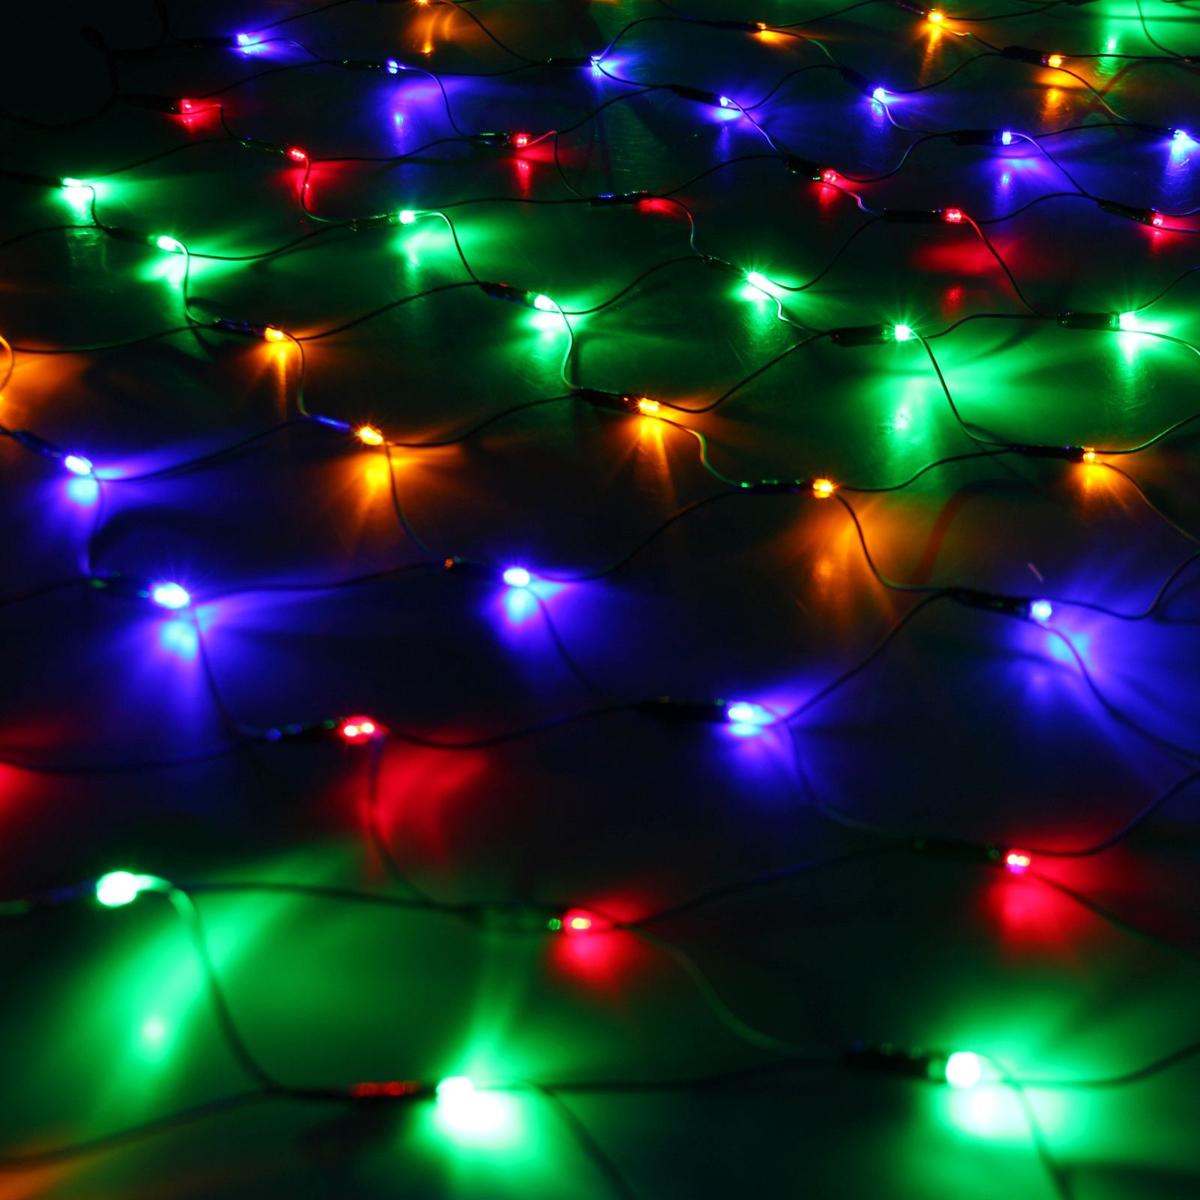 Гирлянда Luazon Сетка, длина 1,1 м, LED 144 ламп, 220V, цвет: мультиколор. 671623671623Светодиодные гирлянды, ленты и т.д — это отличный вариант для новогоднего оформления интерьера или фасада. С их помощью помещение любого размера можно превратить в праздничный зал, а внешние элементы зданий, украшенные ими, мгновенно станут напоминать очертания сказочного дворца. Такие украшения создают ауру предвкушения чуда. Деревья, фасады, витрины, окна и арки будто специально созданы, чтобы вы украсили их светящимися нитями.